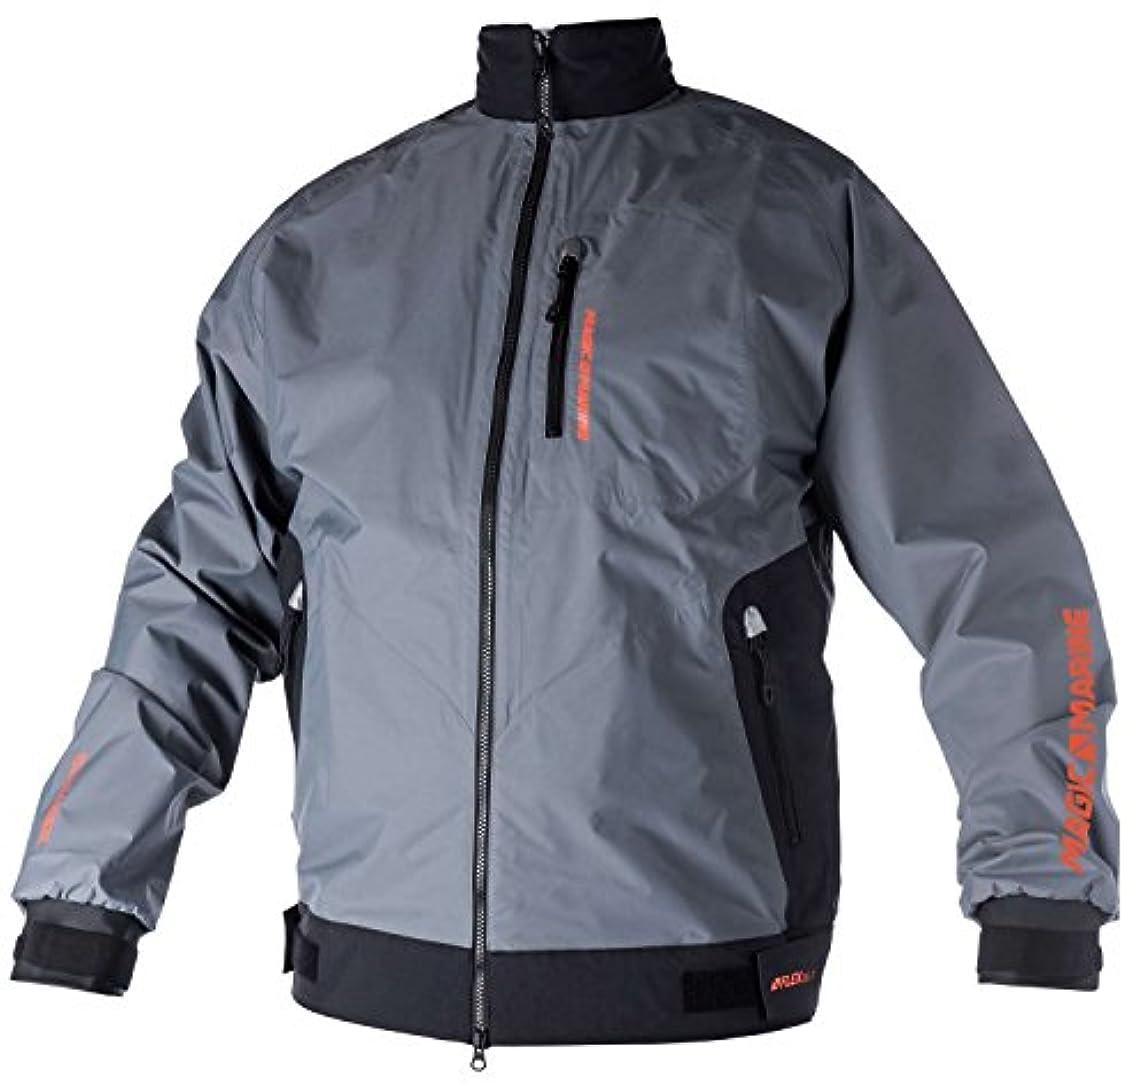 苦味スクレーパートマトMAGIC MARINE(マジックマリン) Element Lightweight Jacket 2.5 Layer [15007.170030] メンズ マリンスポーツウェア 防水ジャケット?パンツ XL